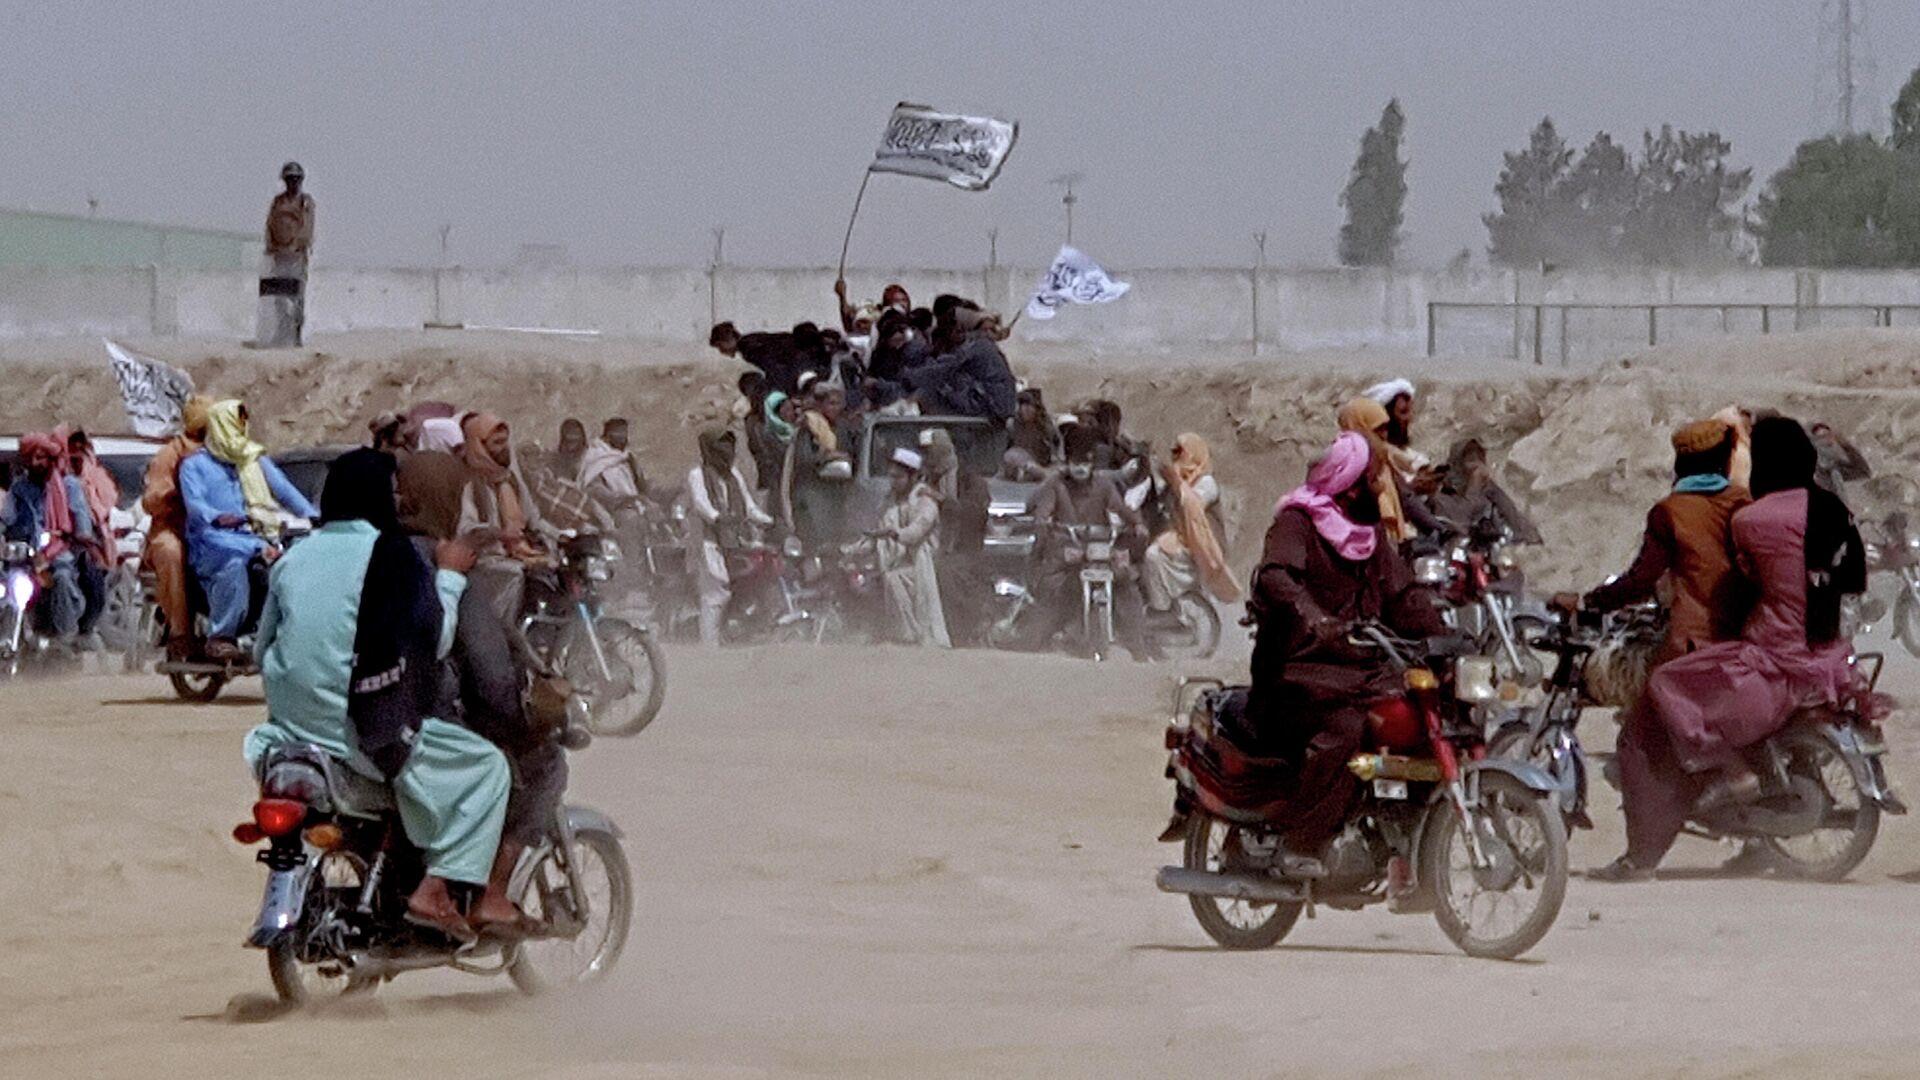 Сторонники Талибана* на границе Афганистана и Пакистана - РИА Новости, 1920, 02.08.2021